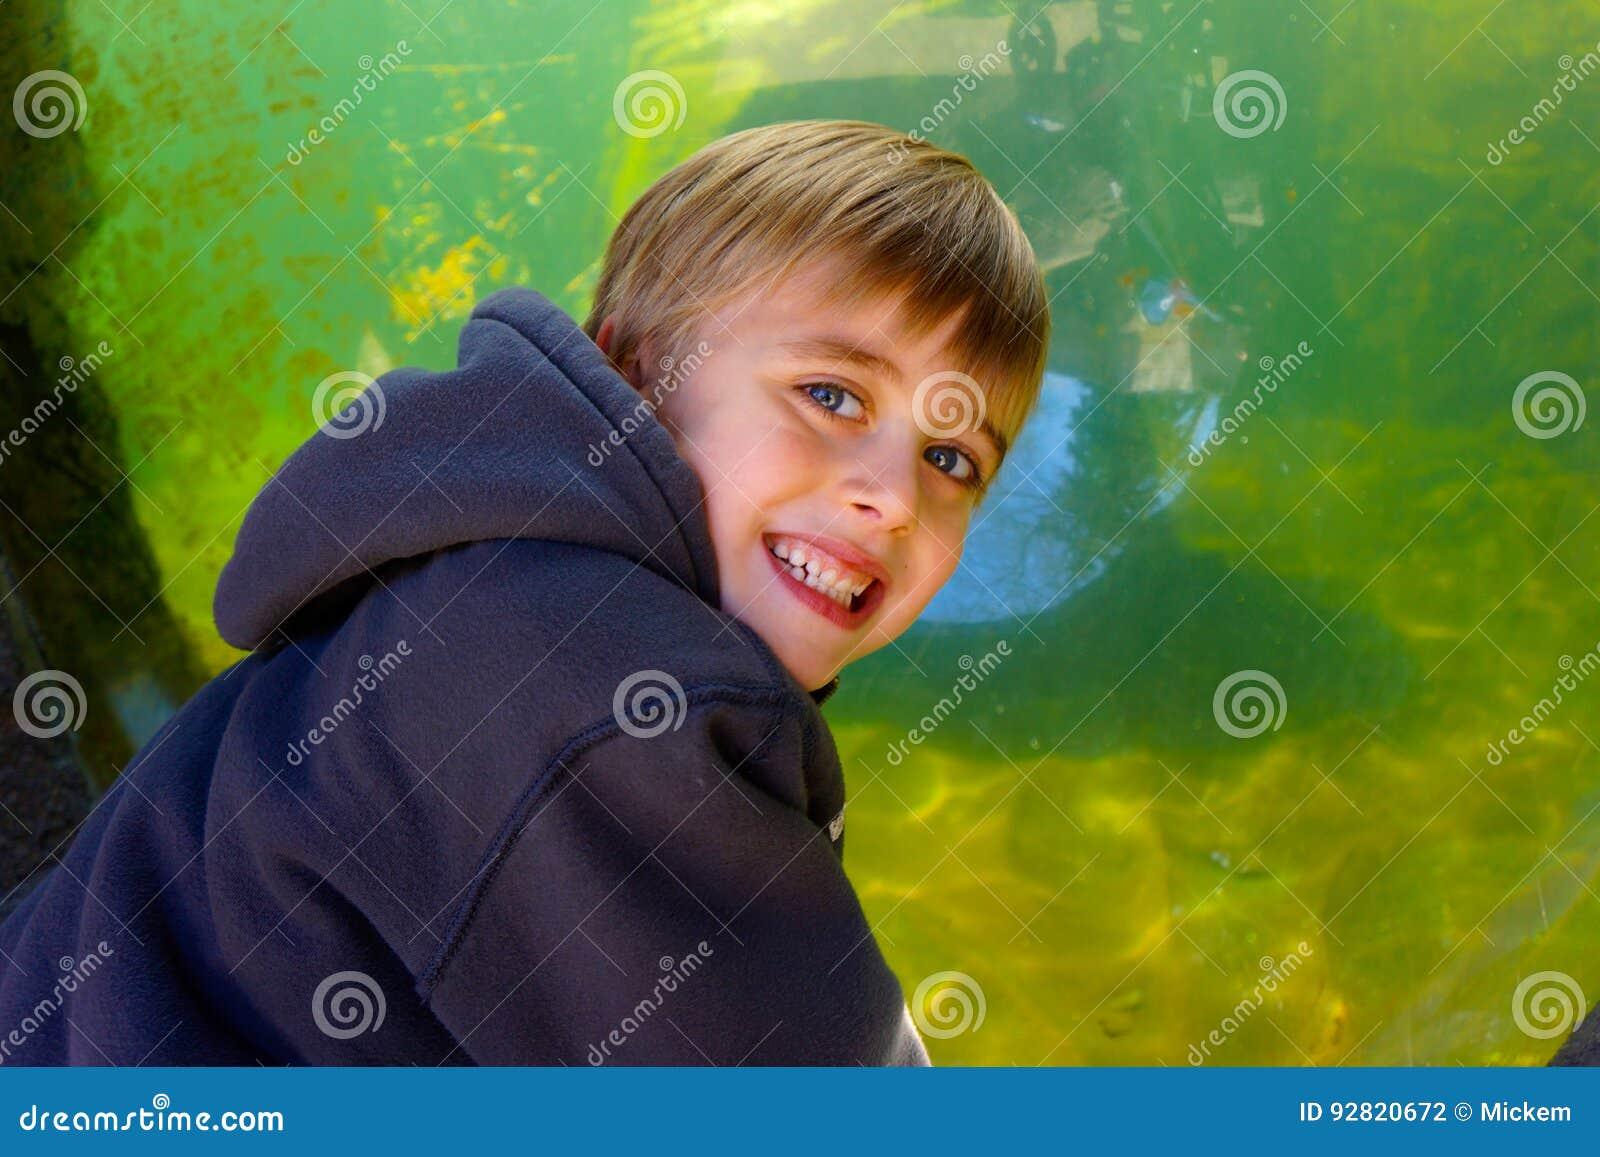 Lächelnder Junge mit Aquariumbehälter im Hintergrund